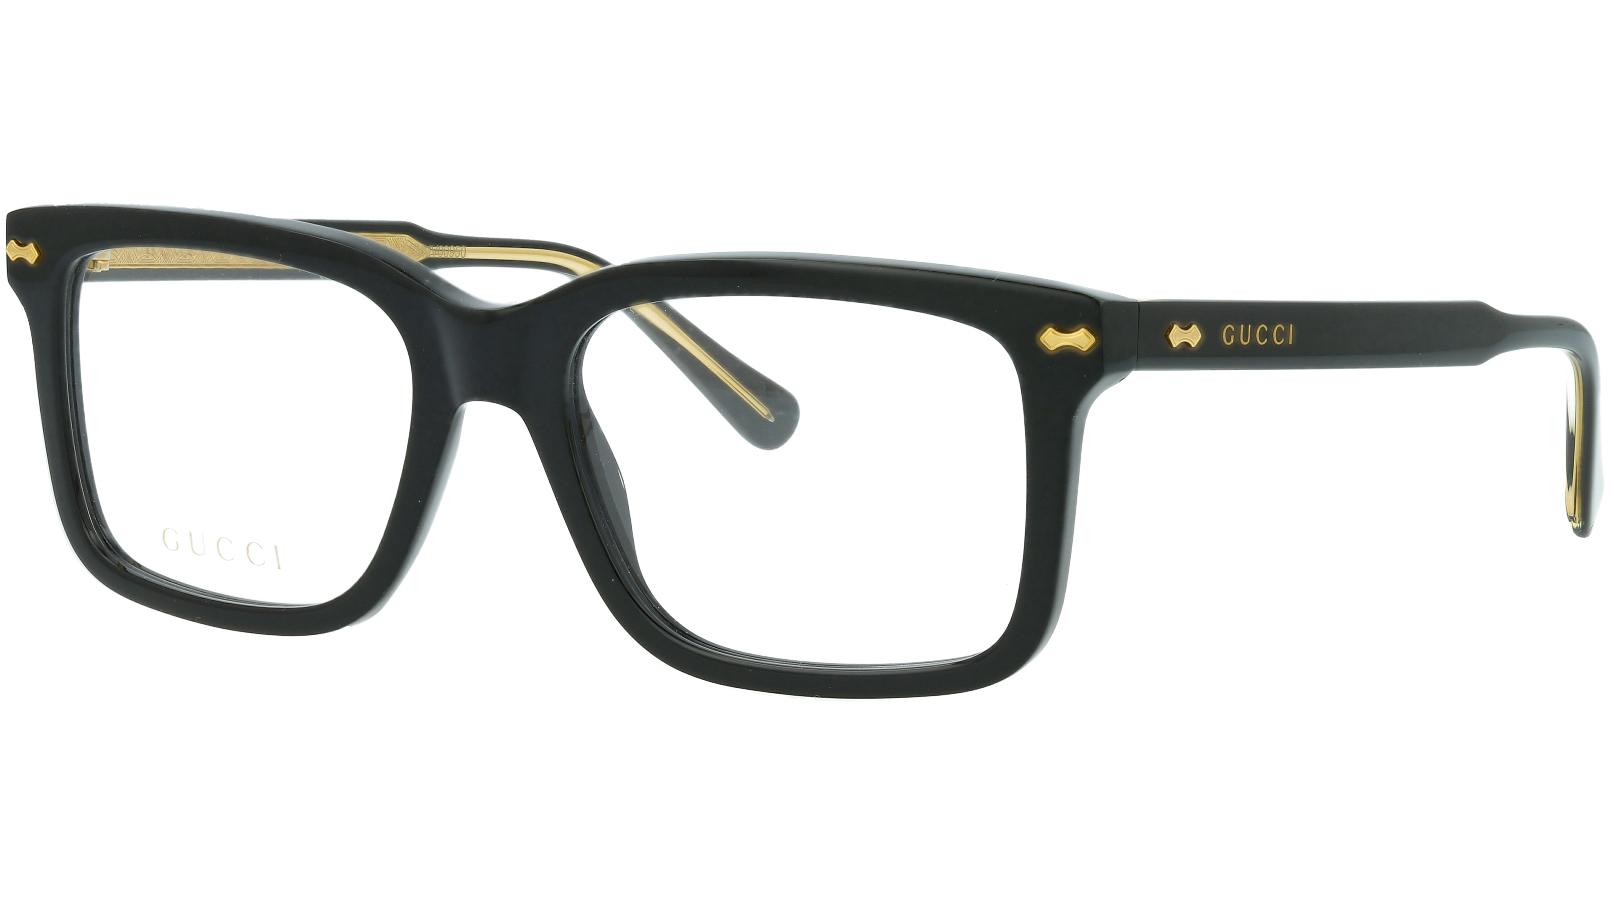 Gucci GG0914O 001 Black Prescription Glasses